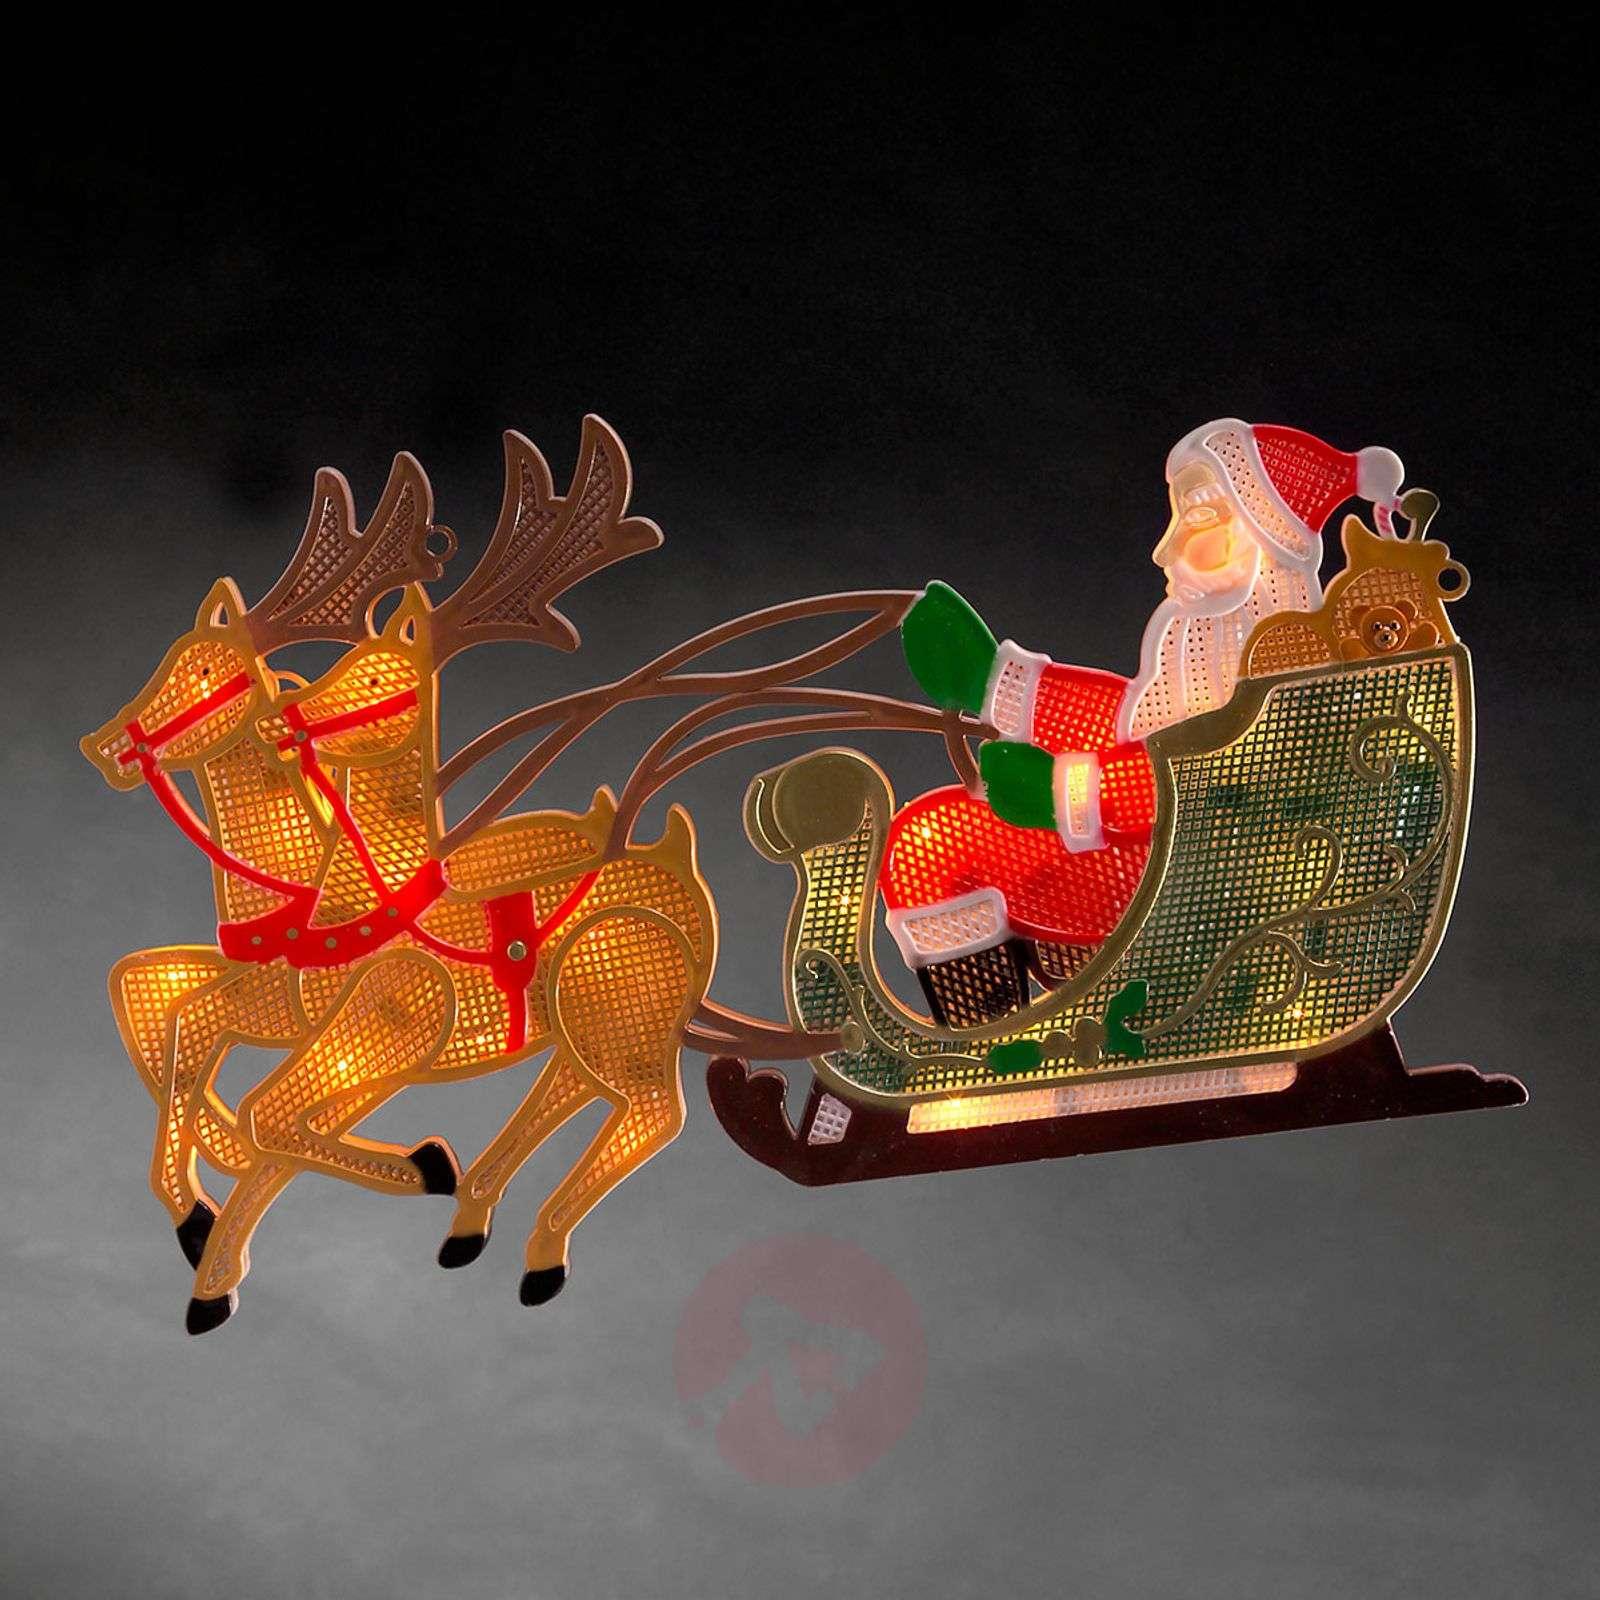 Poro ja joulupukki LED-ikkunakuva-5524846-01